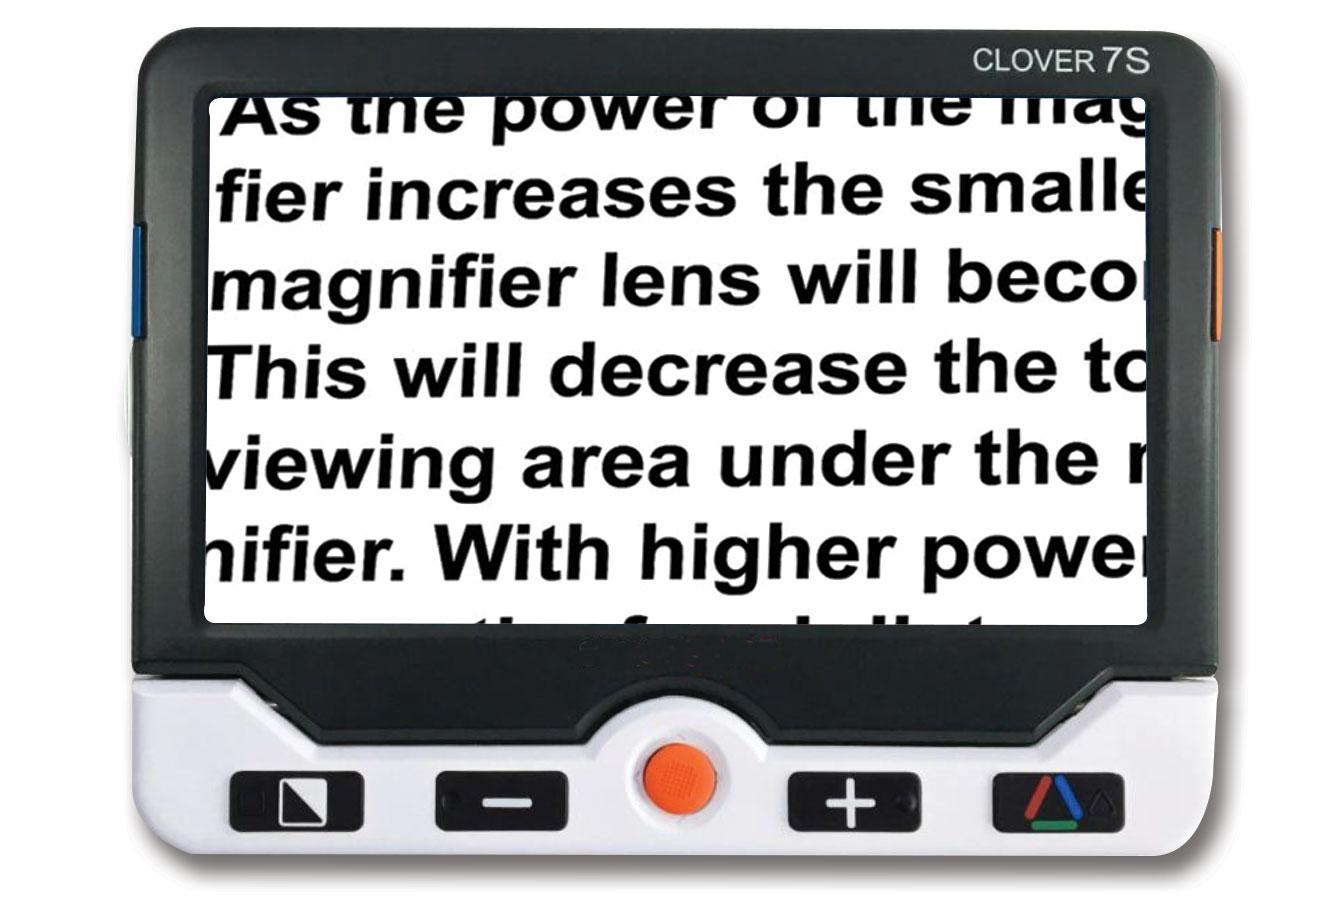 Clover 7s Handheld Video Magnifier